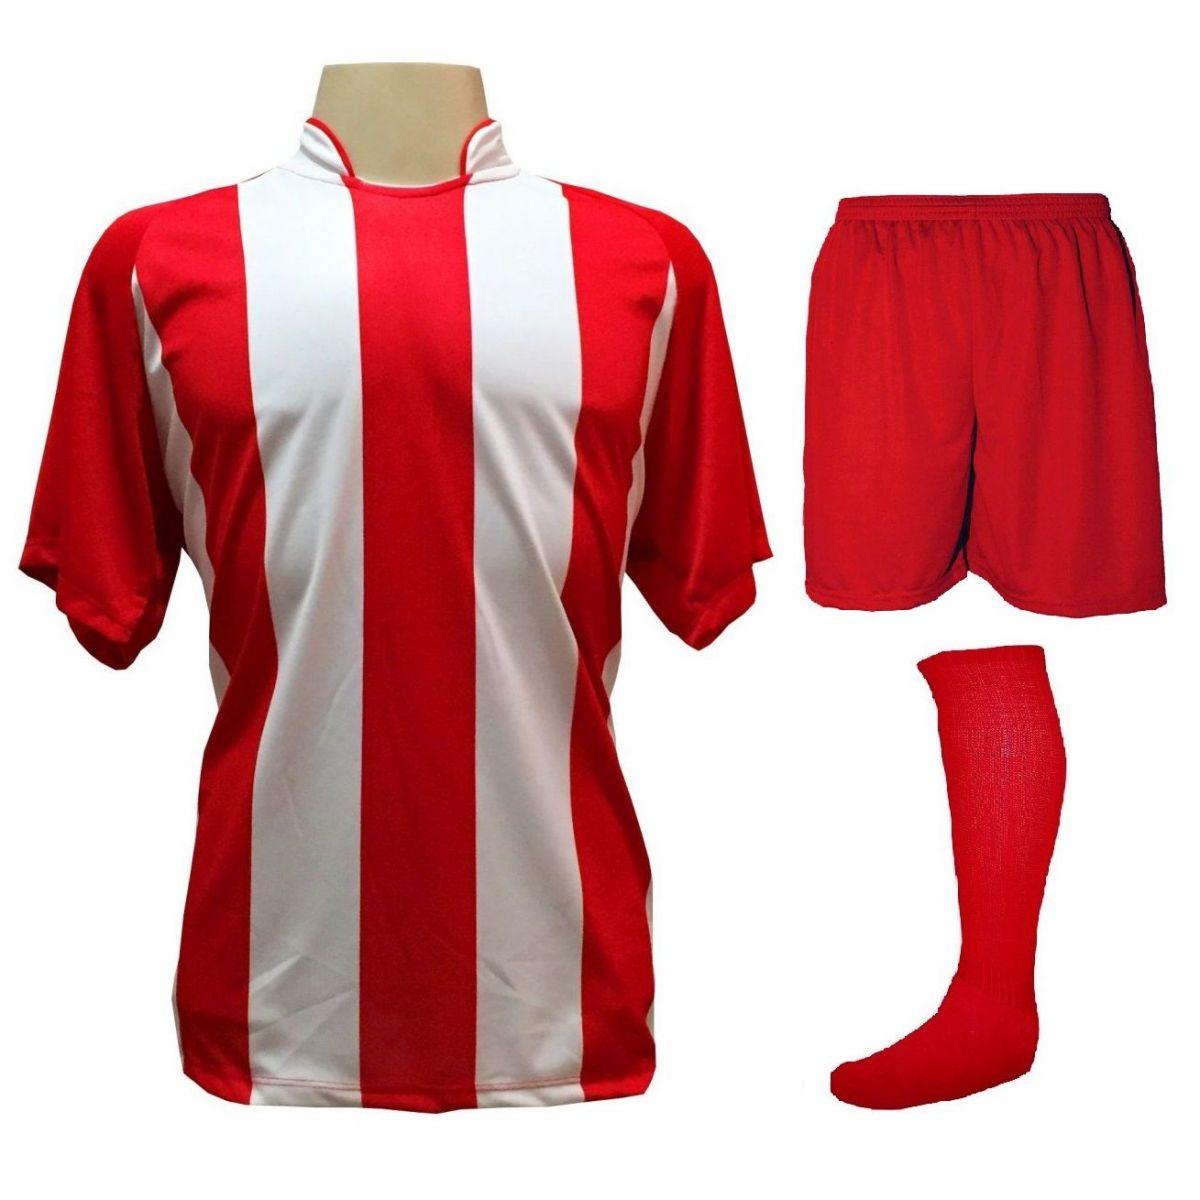 Uniforme Esportivo com 12 Camisas modelo Milan Vermelho/Branco + 12 Calções modelo Madrid Vermelho + 12 Pares de meiões Vermelho